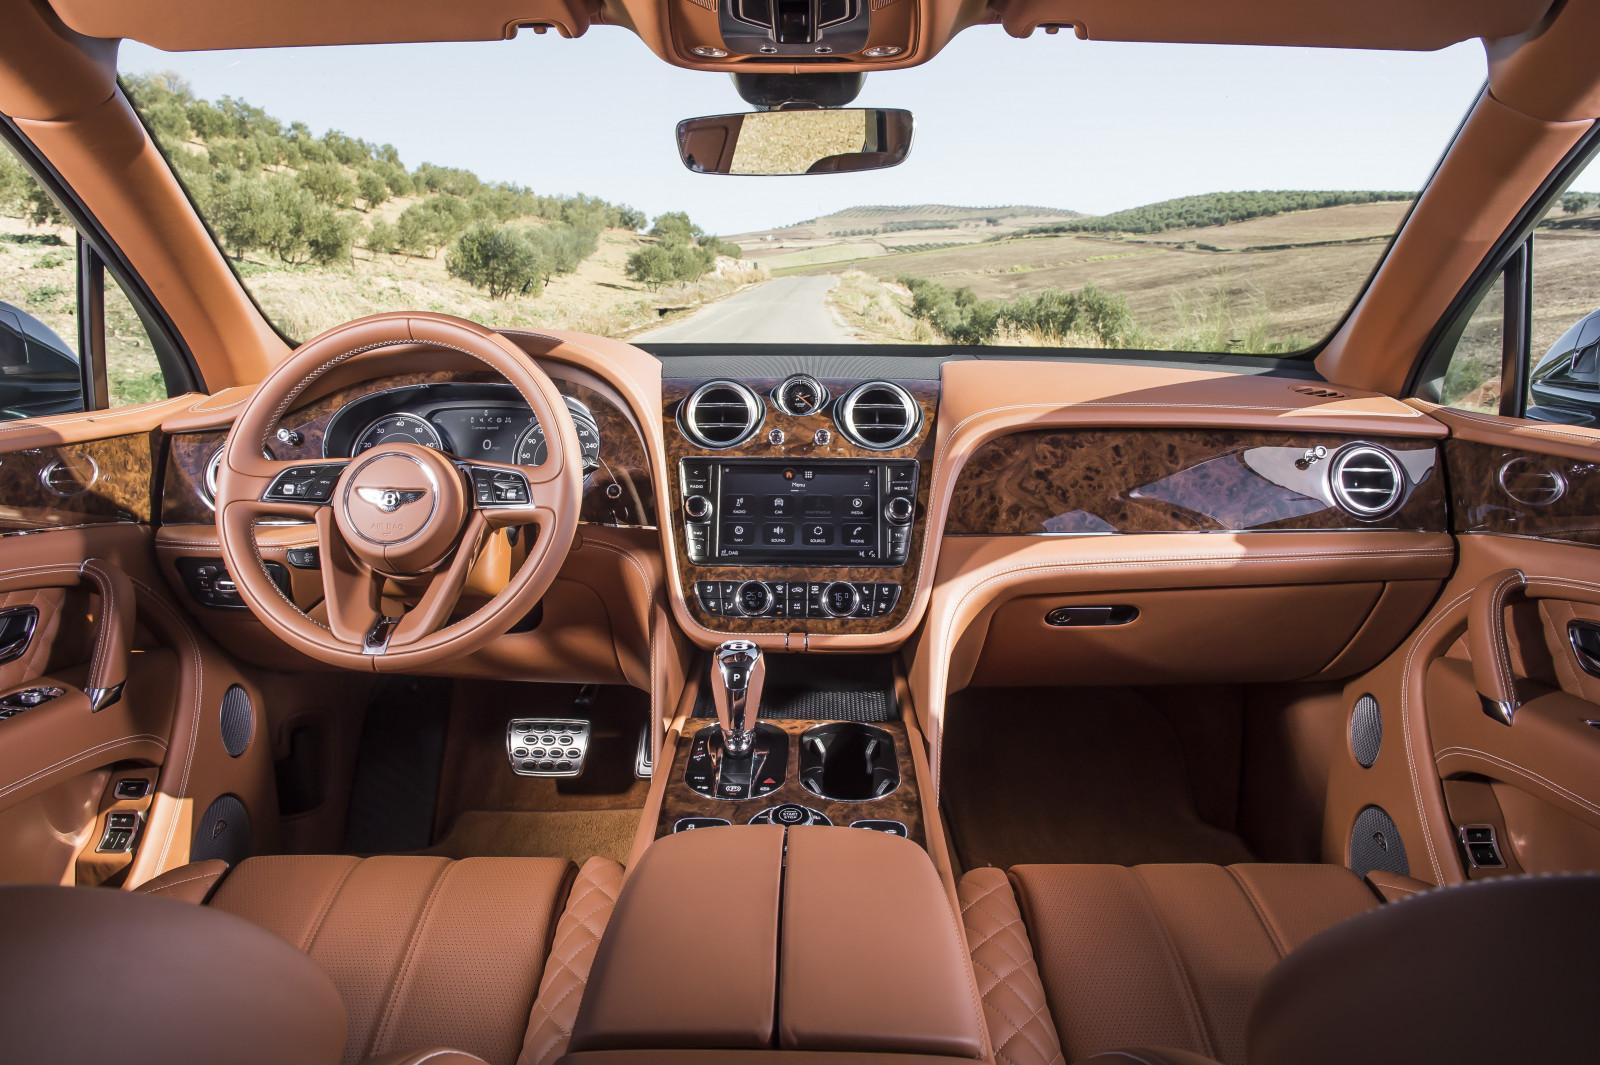 Papel De Parede Carro Desempenho Bentley Continental Gt Sedan Rolls Royce Wraith Rolls Royce Phantom Netcarshow Netcar Imagens Do Carro Foto Do Carro 2016 Bentayga Roda Super Carro Veiculo Terrestre Design Automotivo